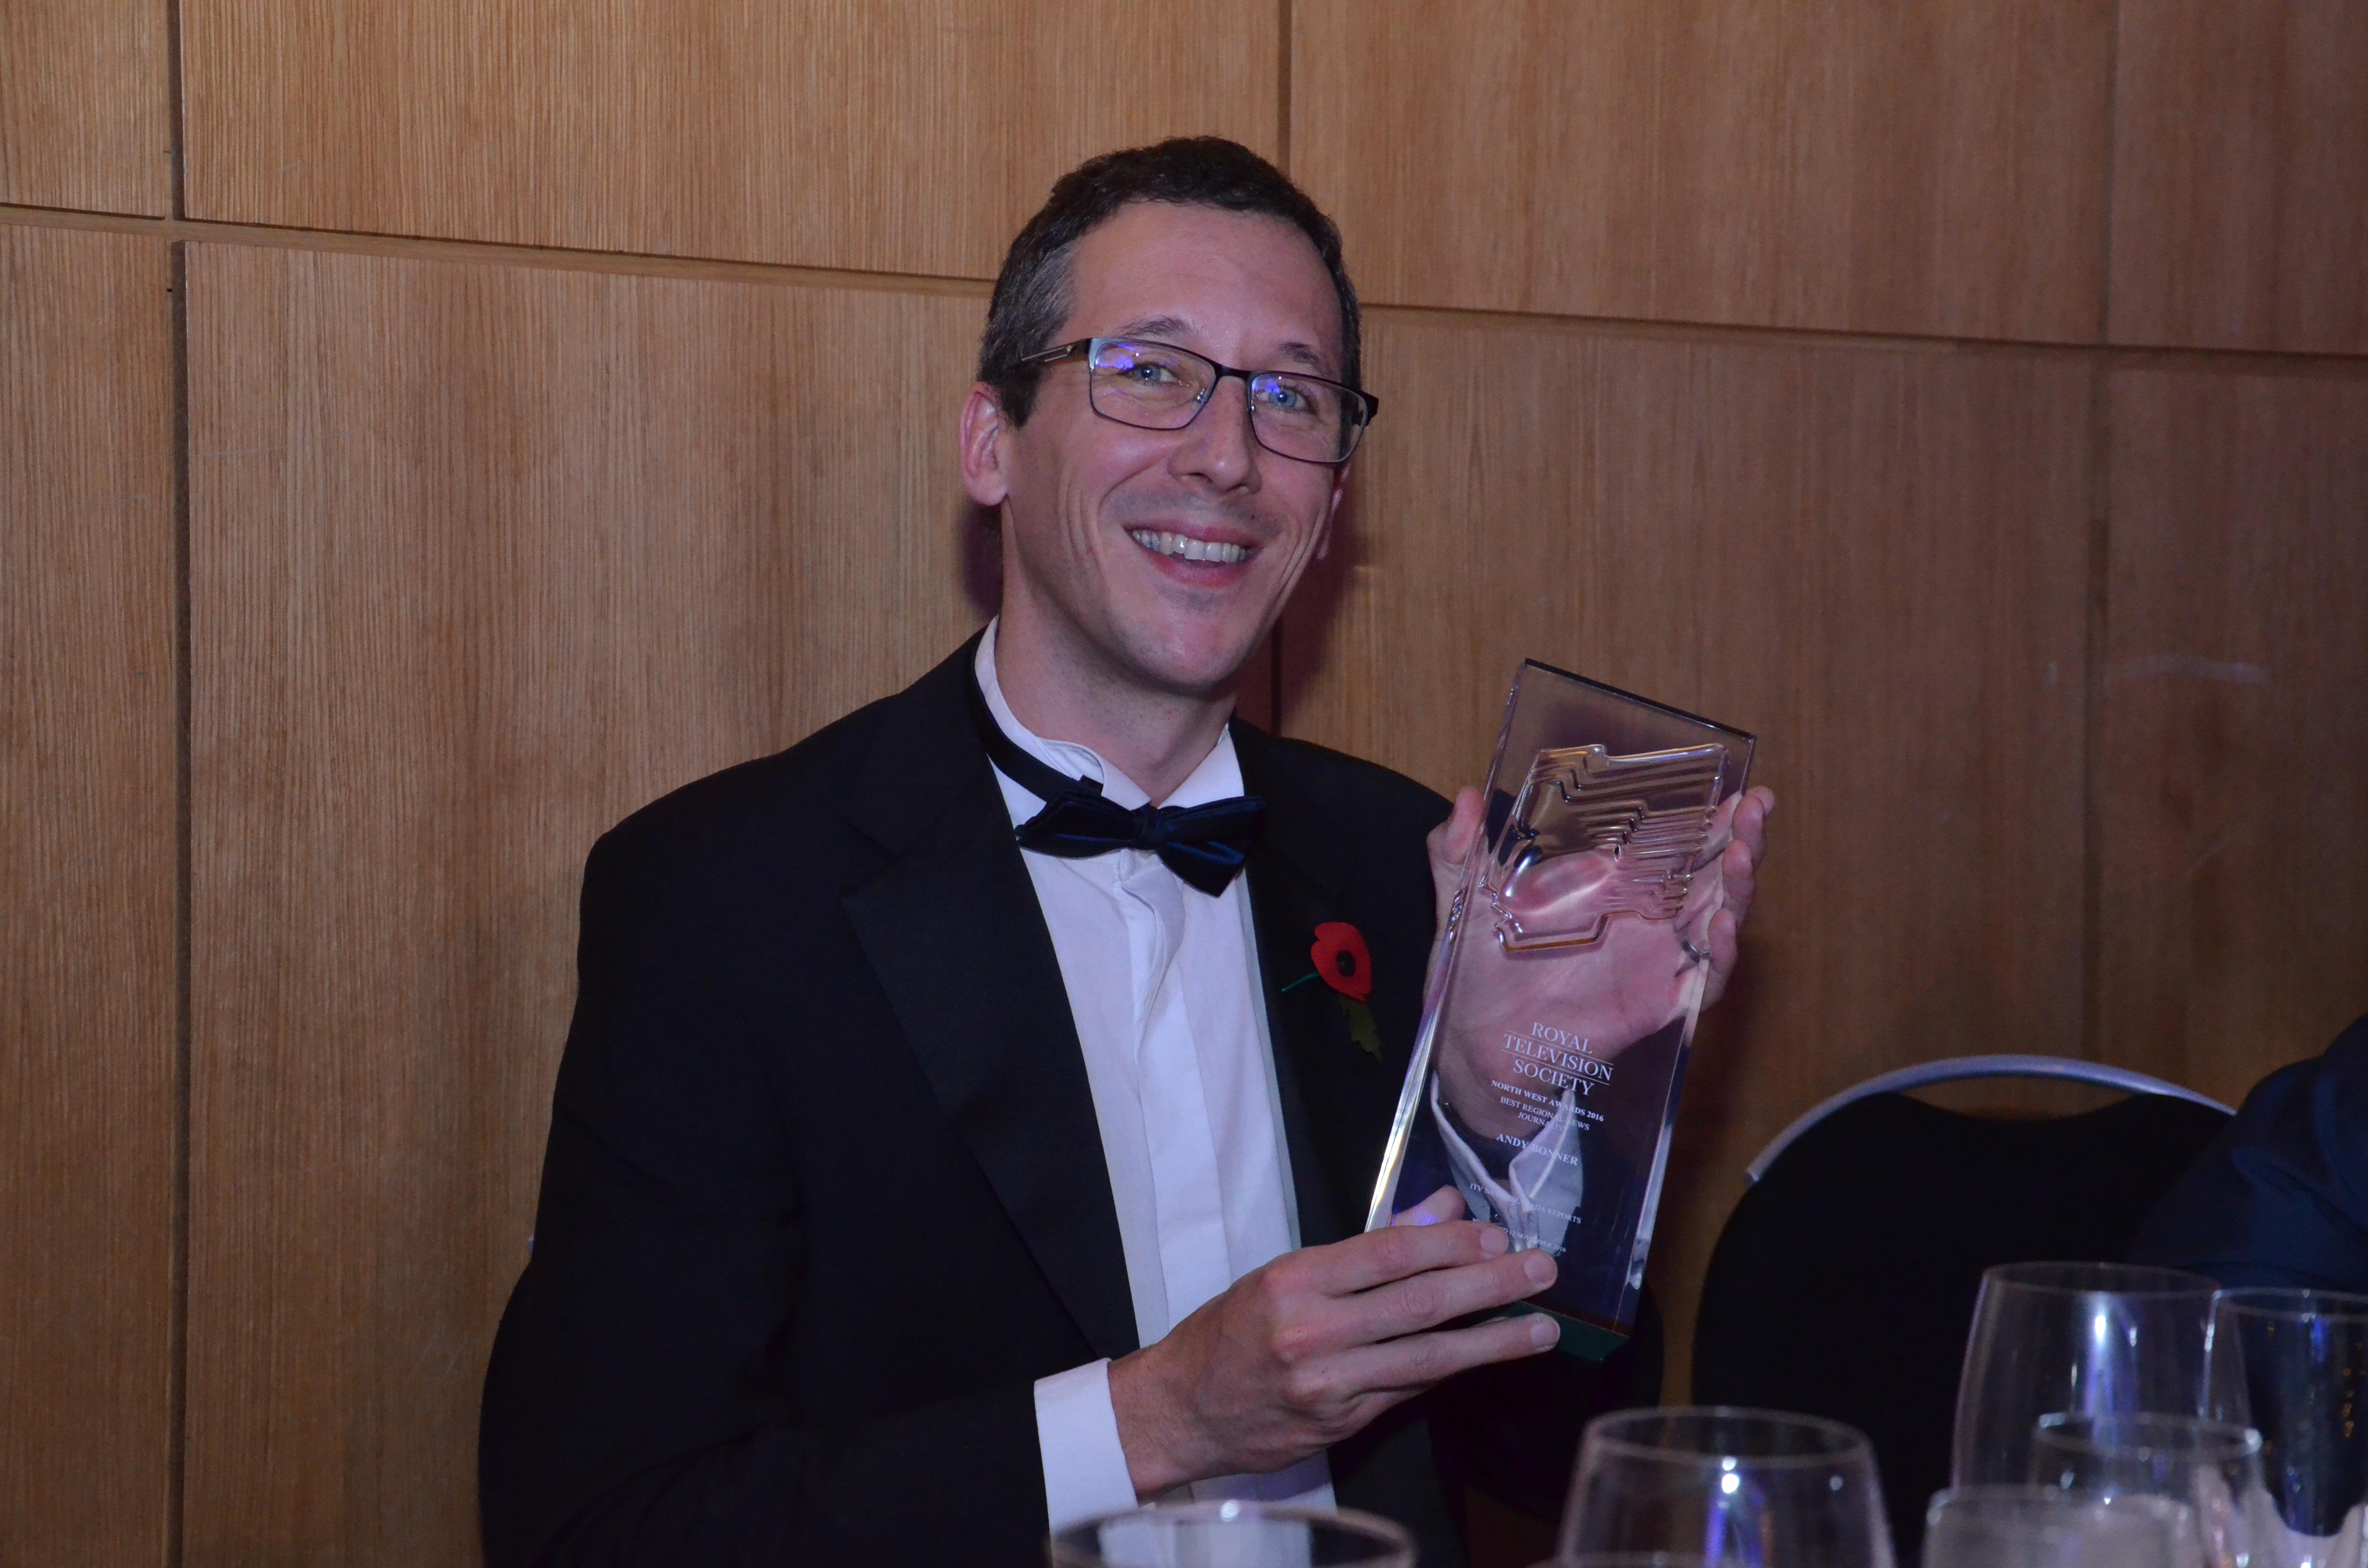 RTS Award